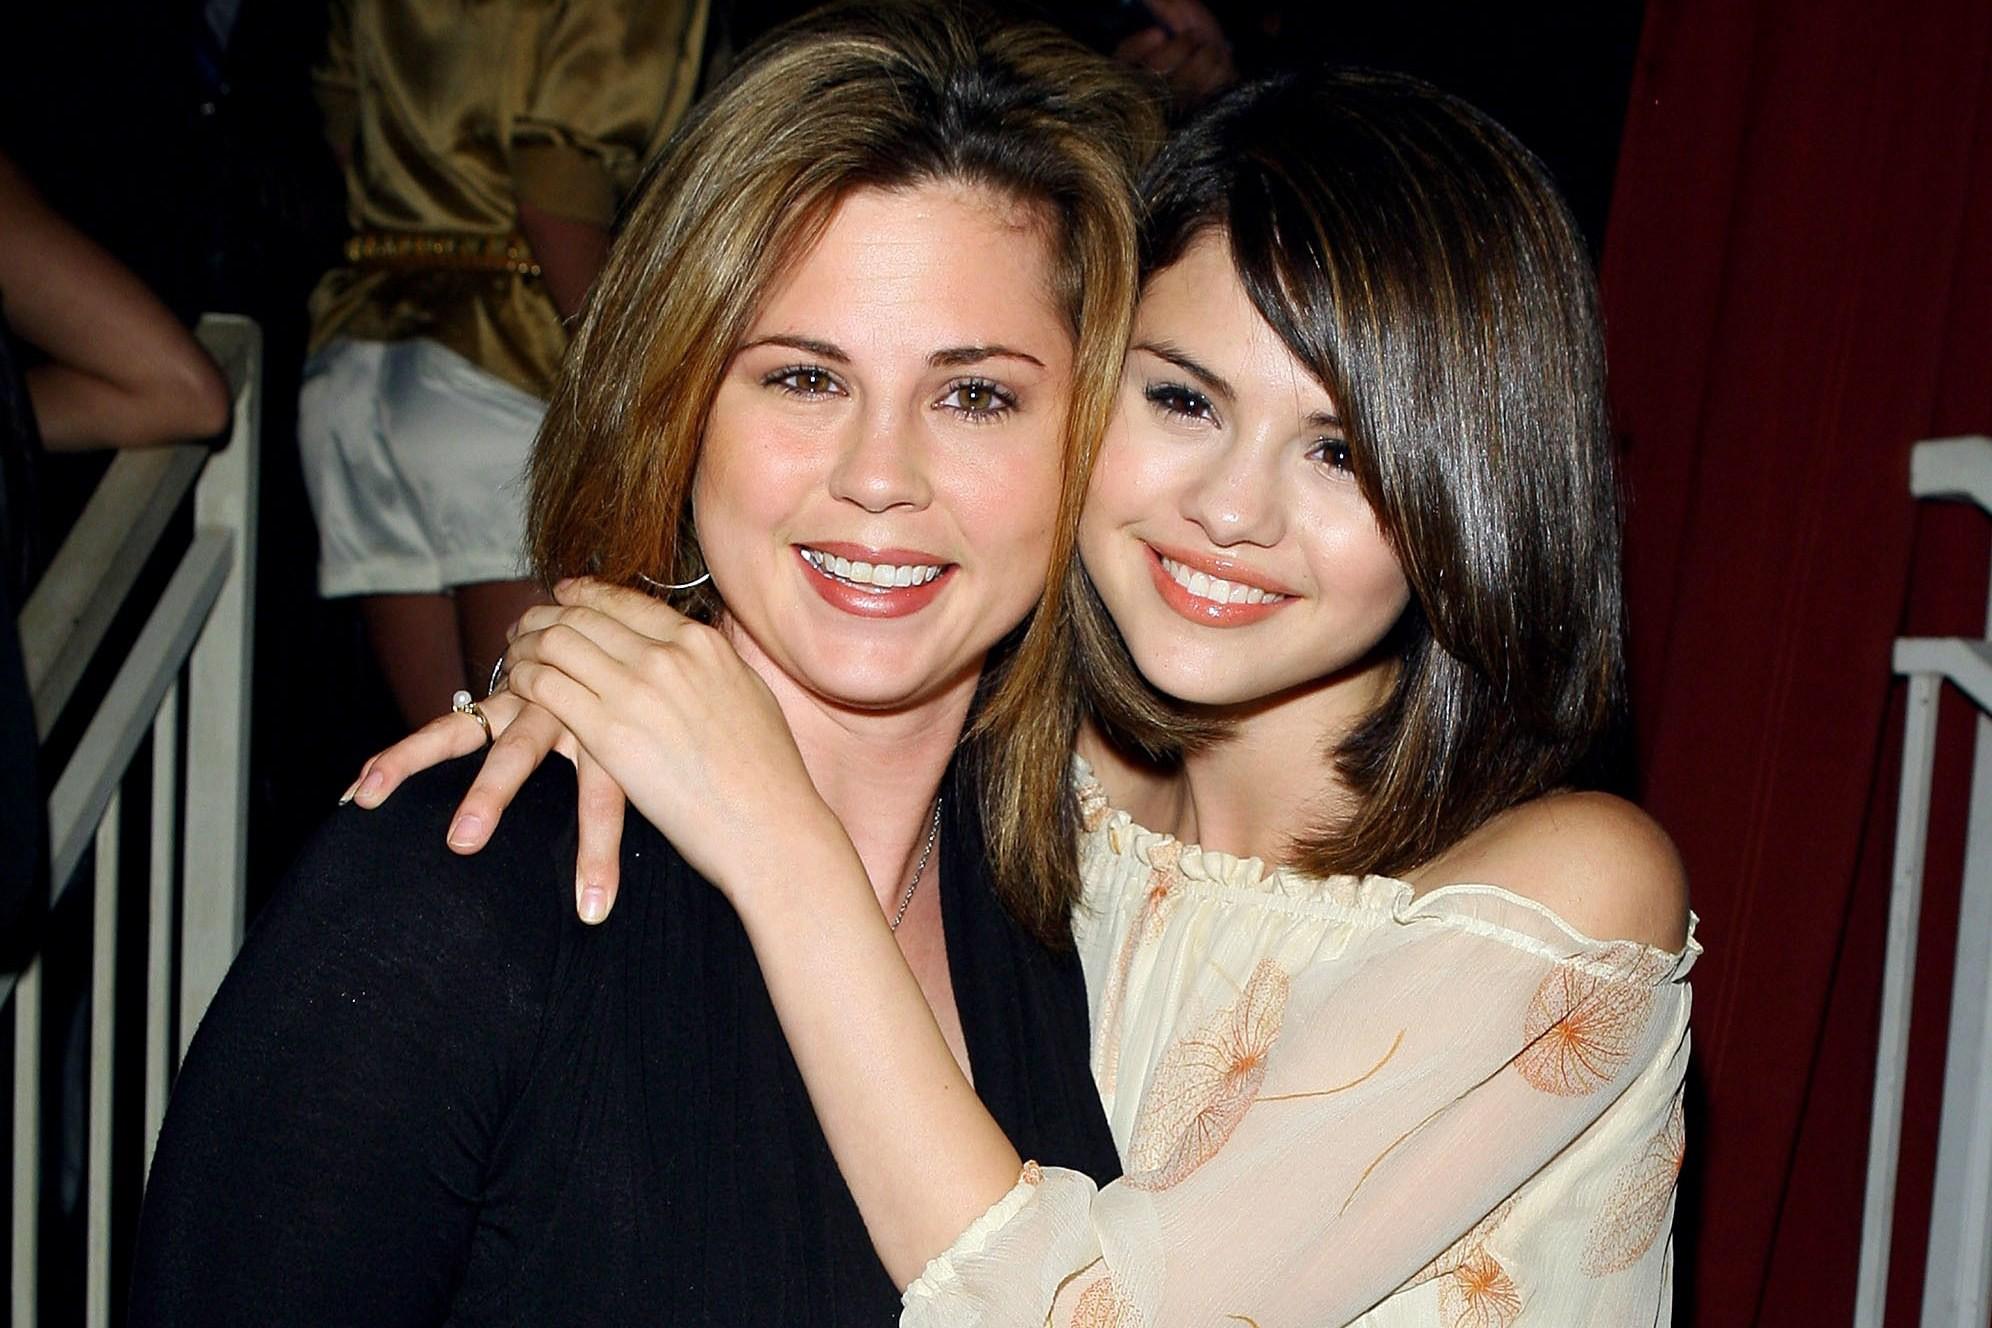 Mẹ Selena Gomez đích thân thừa nhận không muốn con gái tái hợp với Justin Bieber - Ảnh 1.